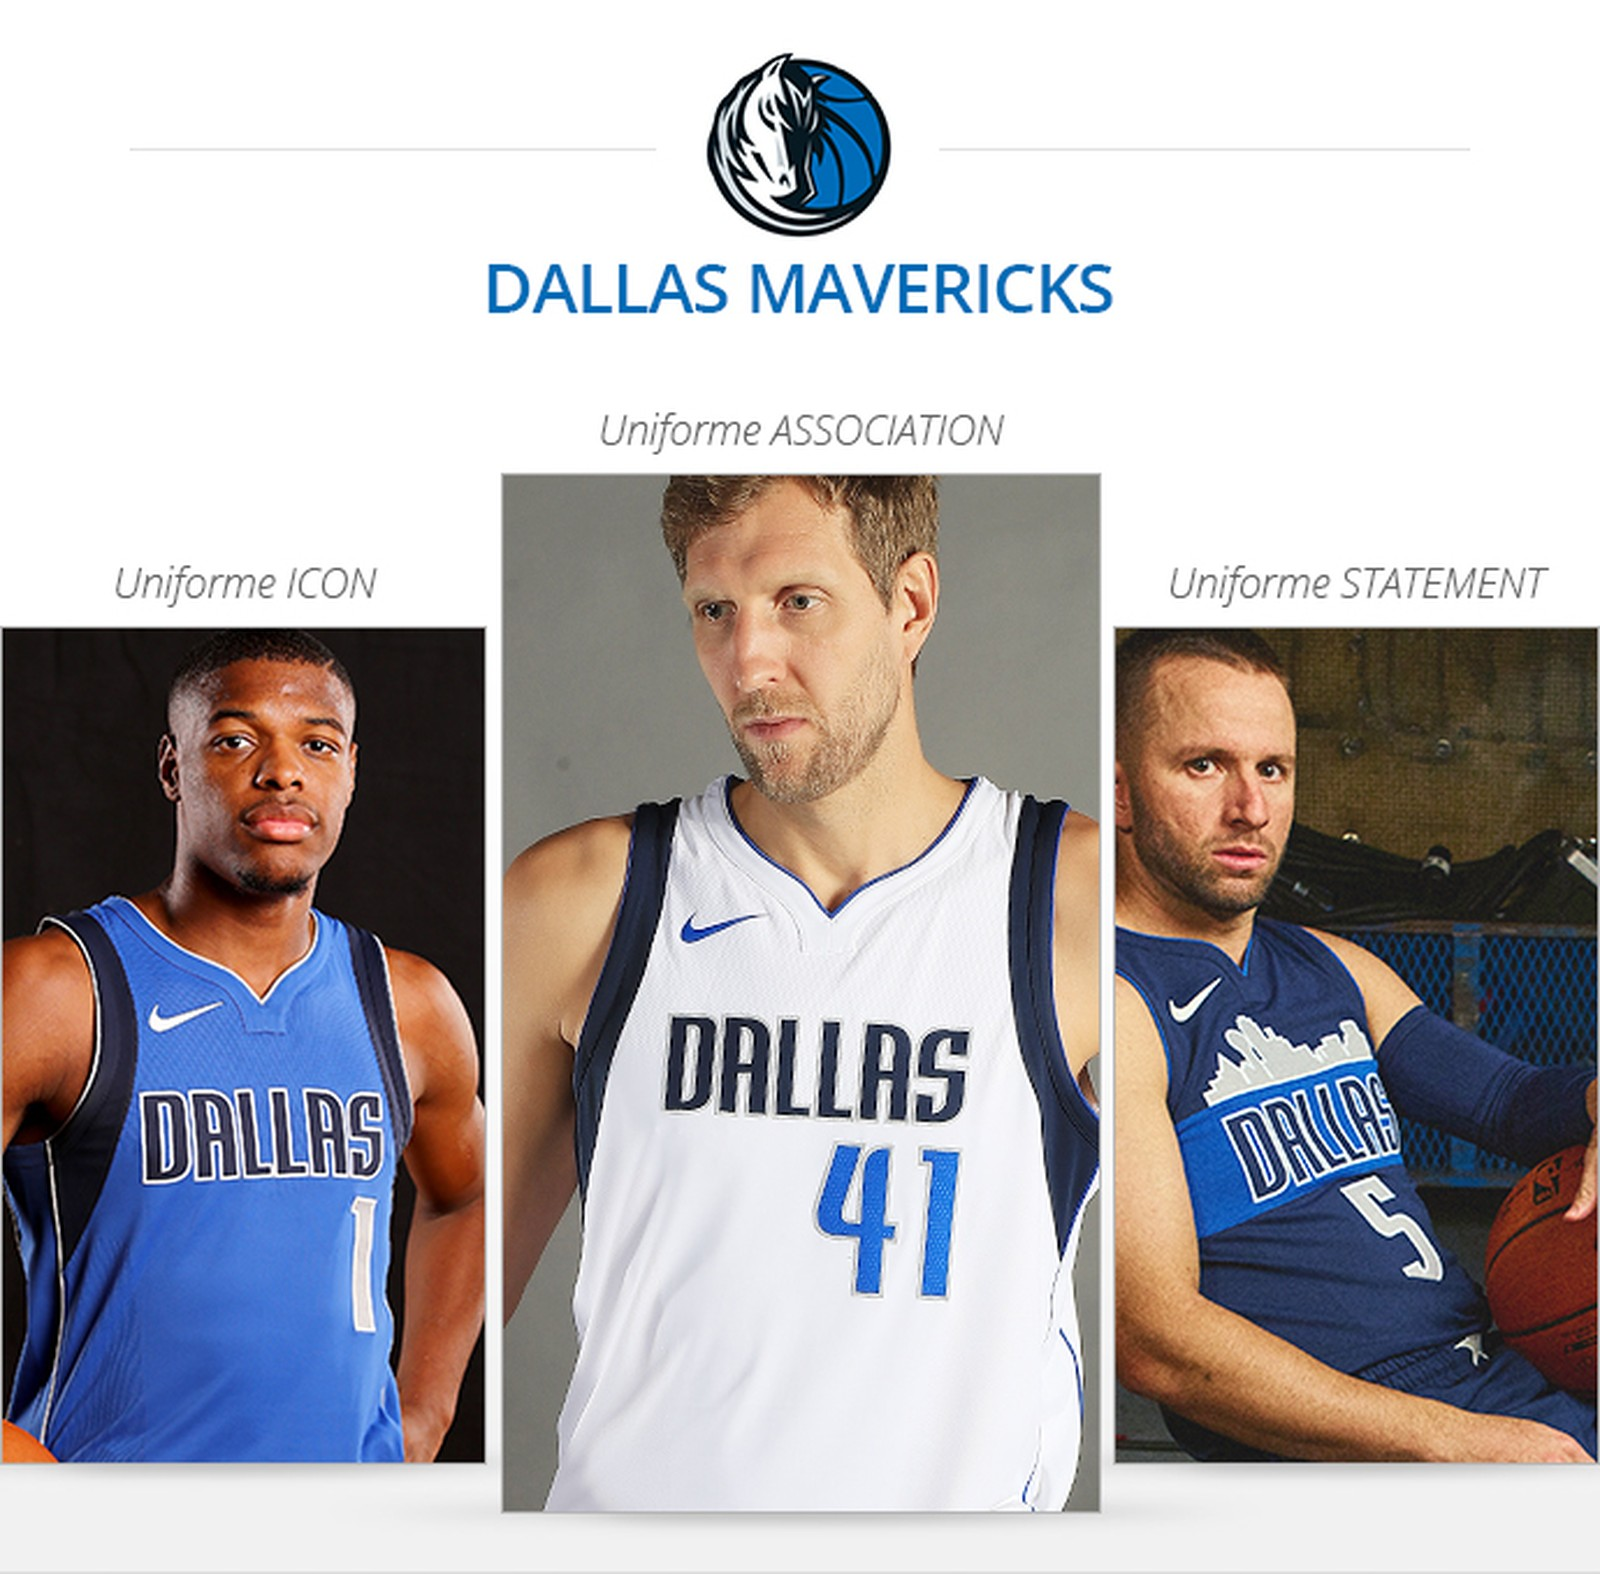 Uniformes Dallas Mavericks saison 2017/18